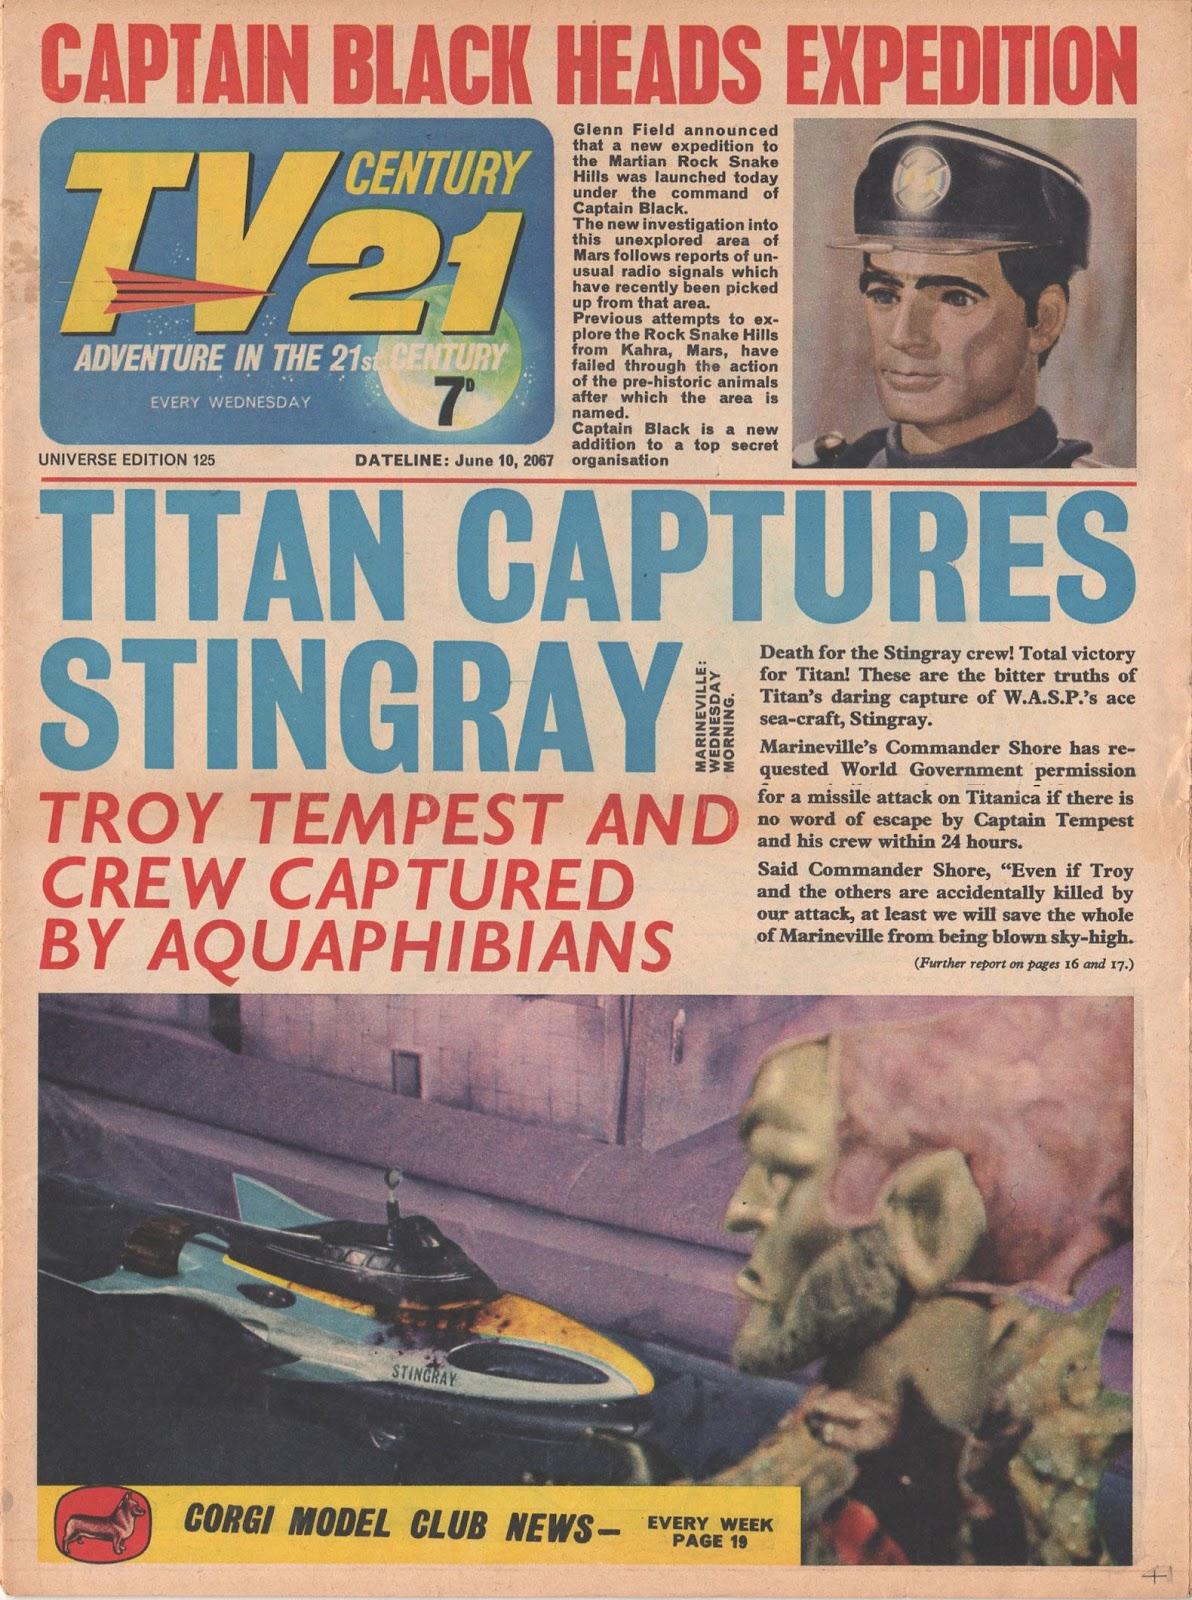 TV Century 21 (TV 21) 125 Page 1